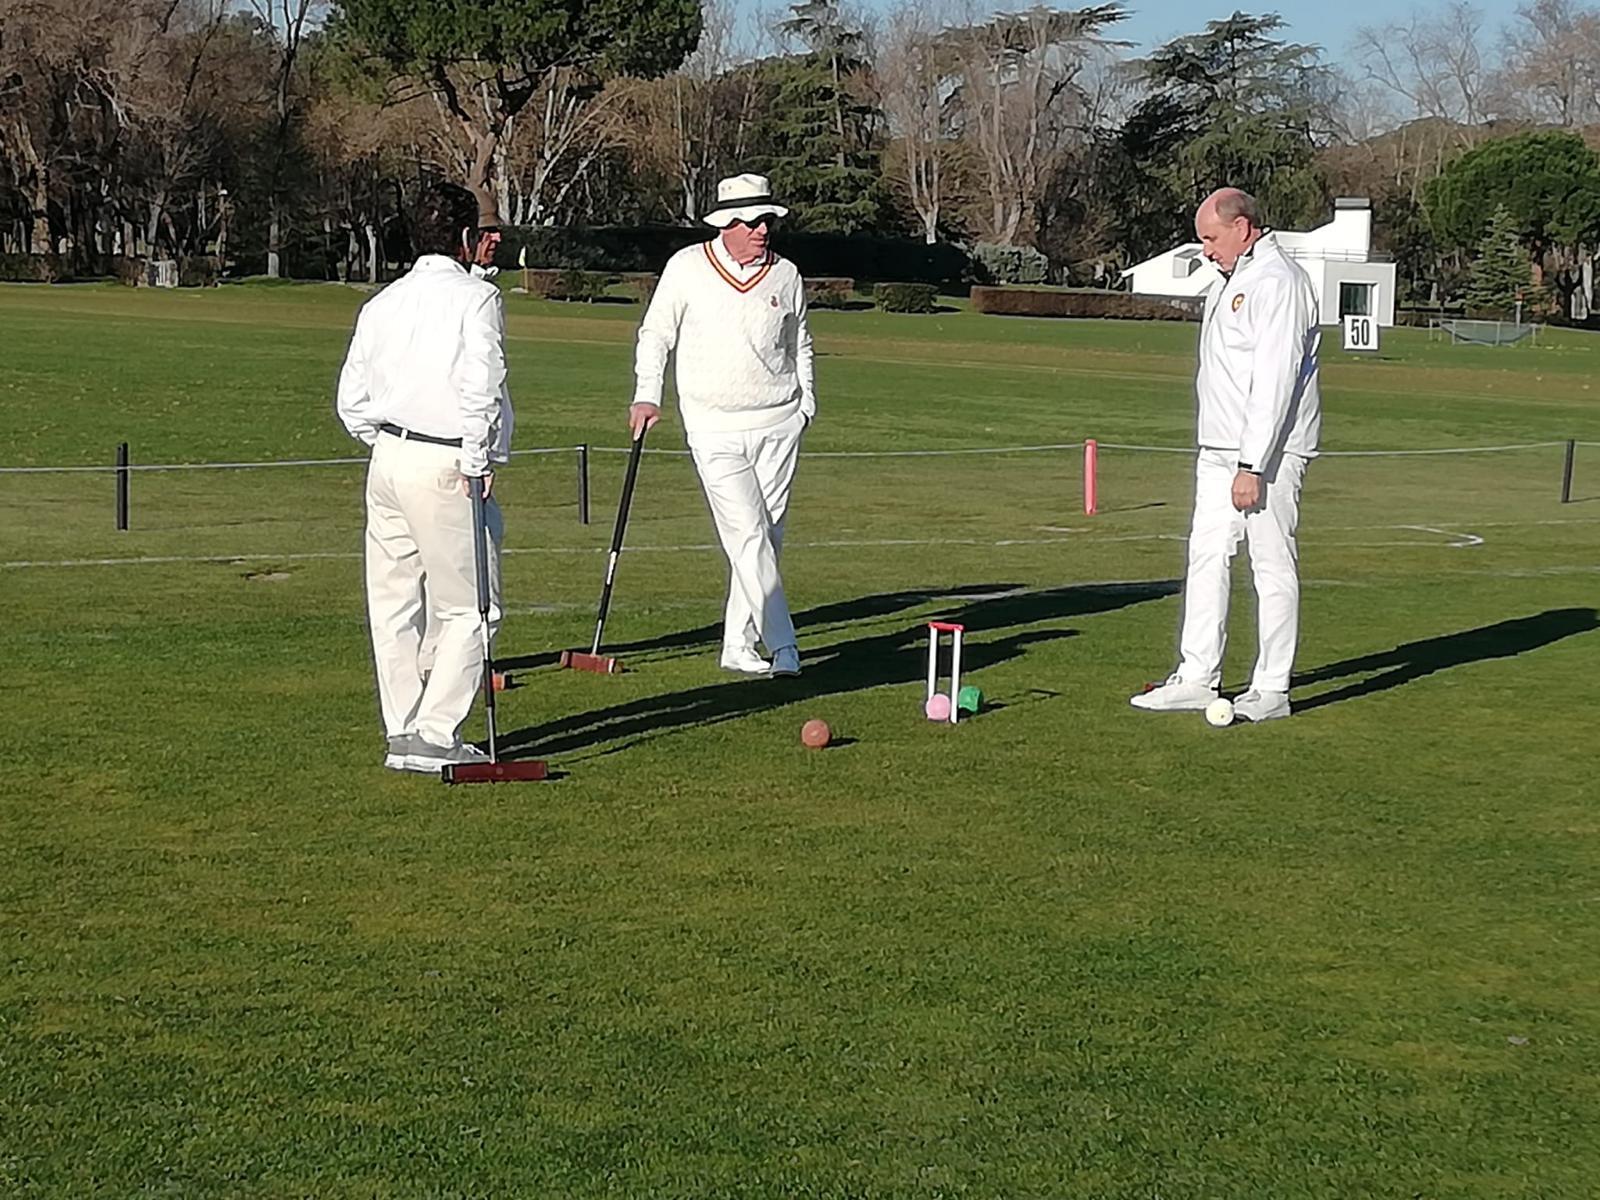 El deporte del cróquet ha llegado al Club. Foto: Tuna Baselga